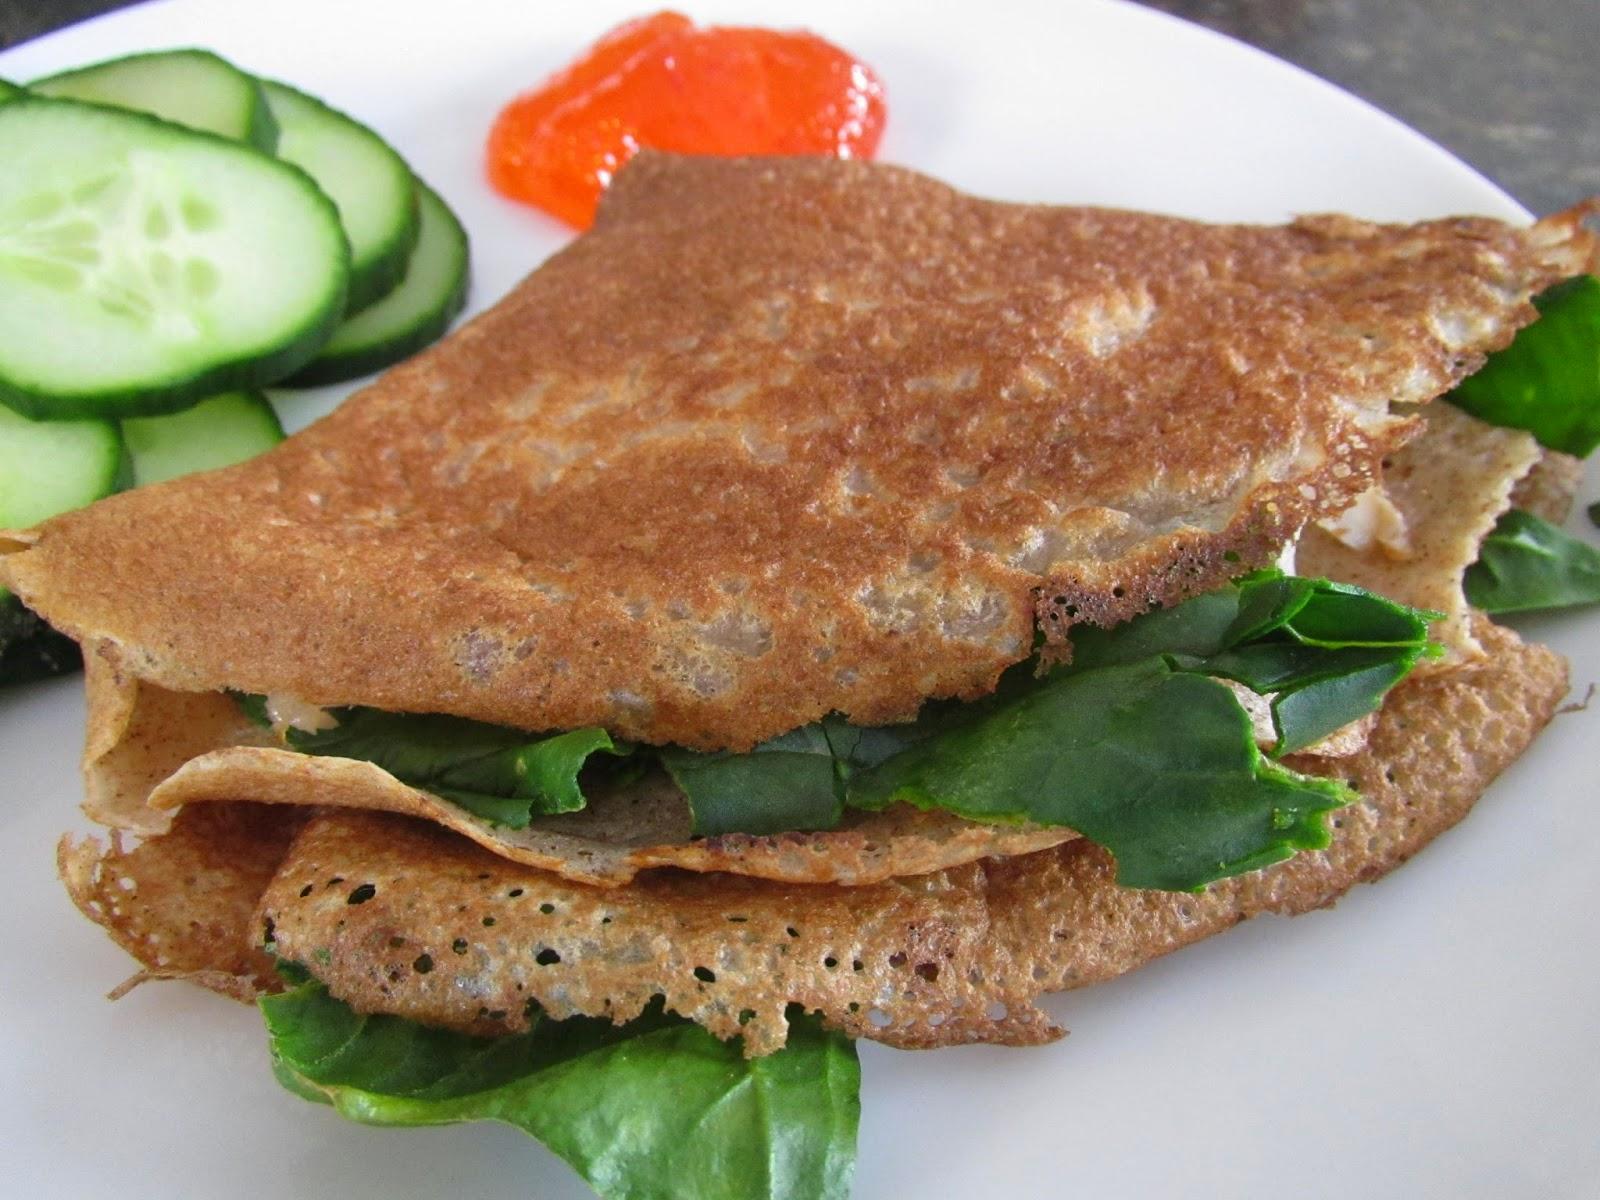 Gluten Free Hot Crepe Sandwich